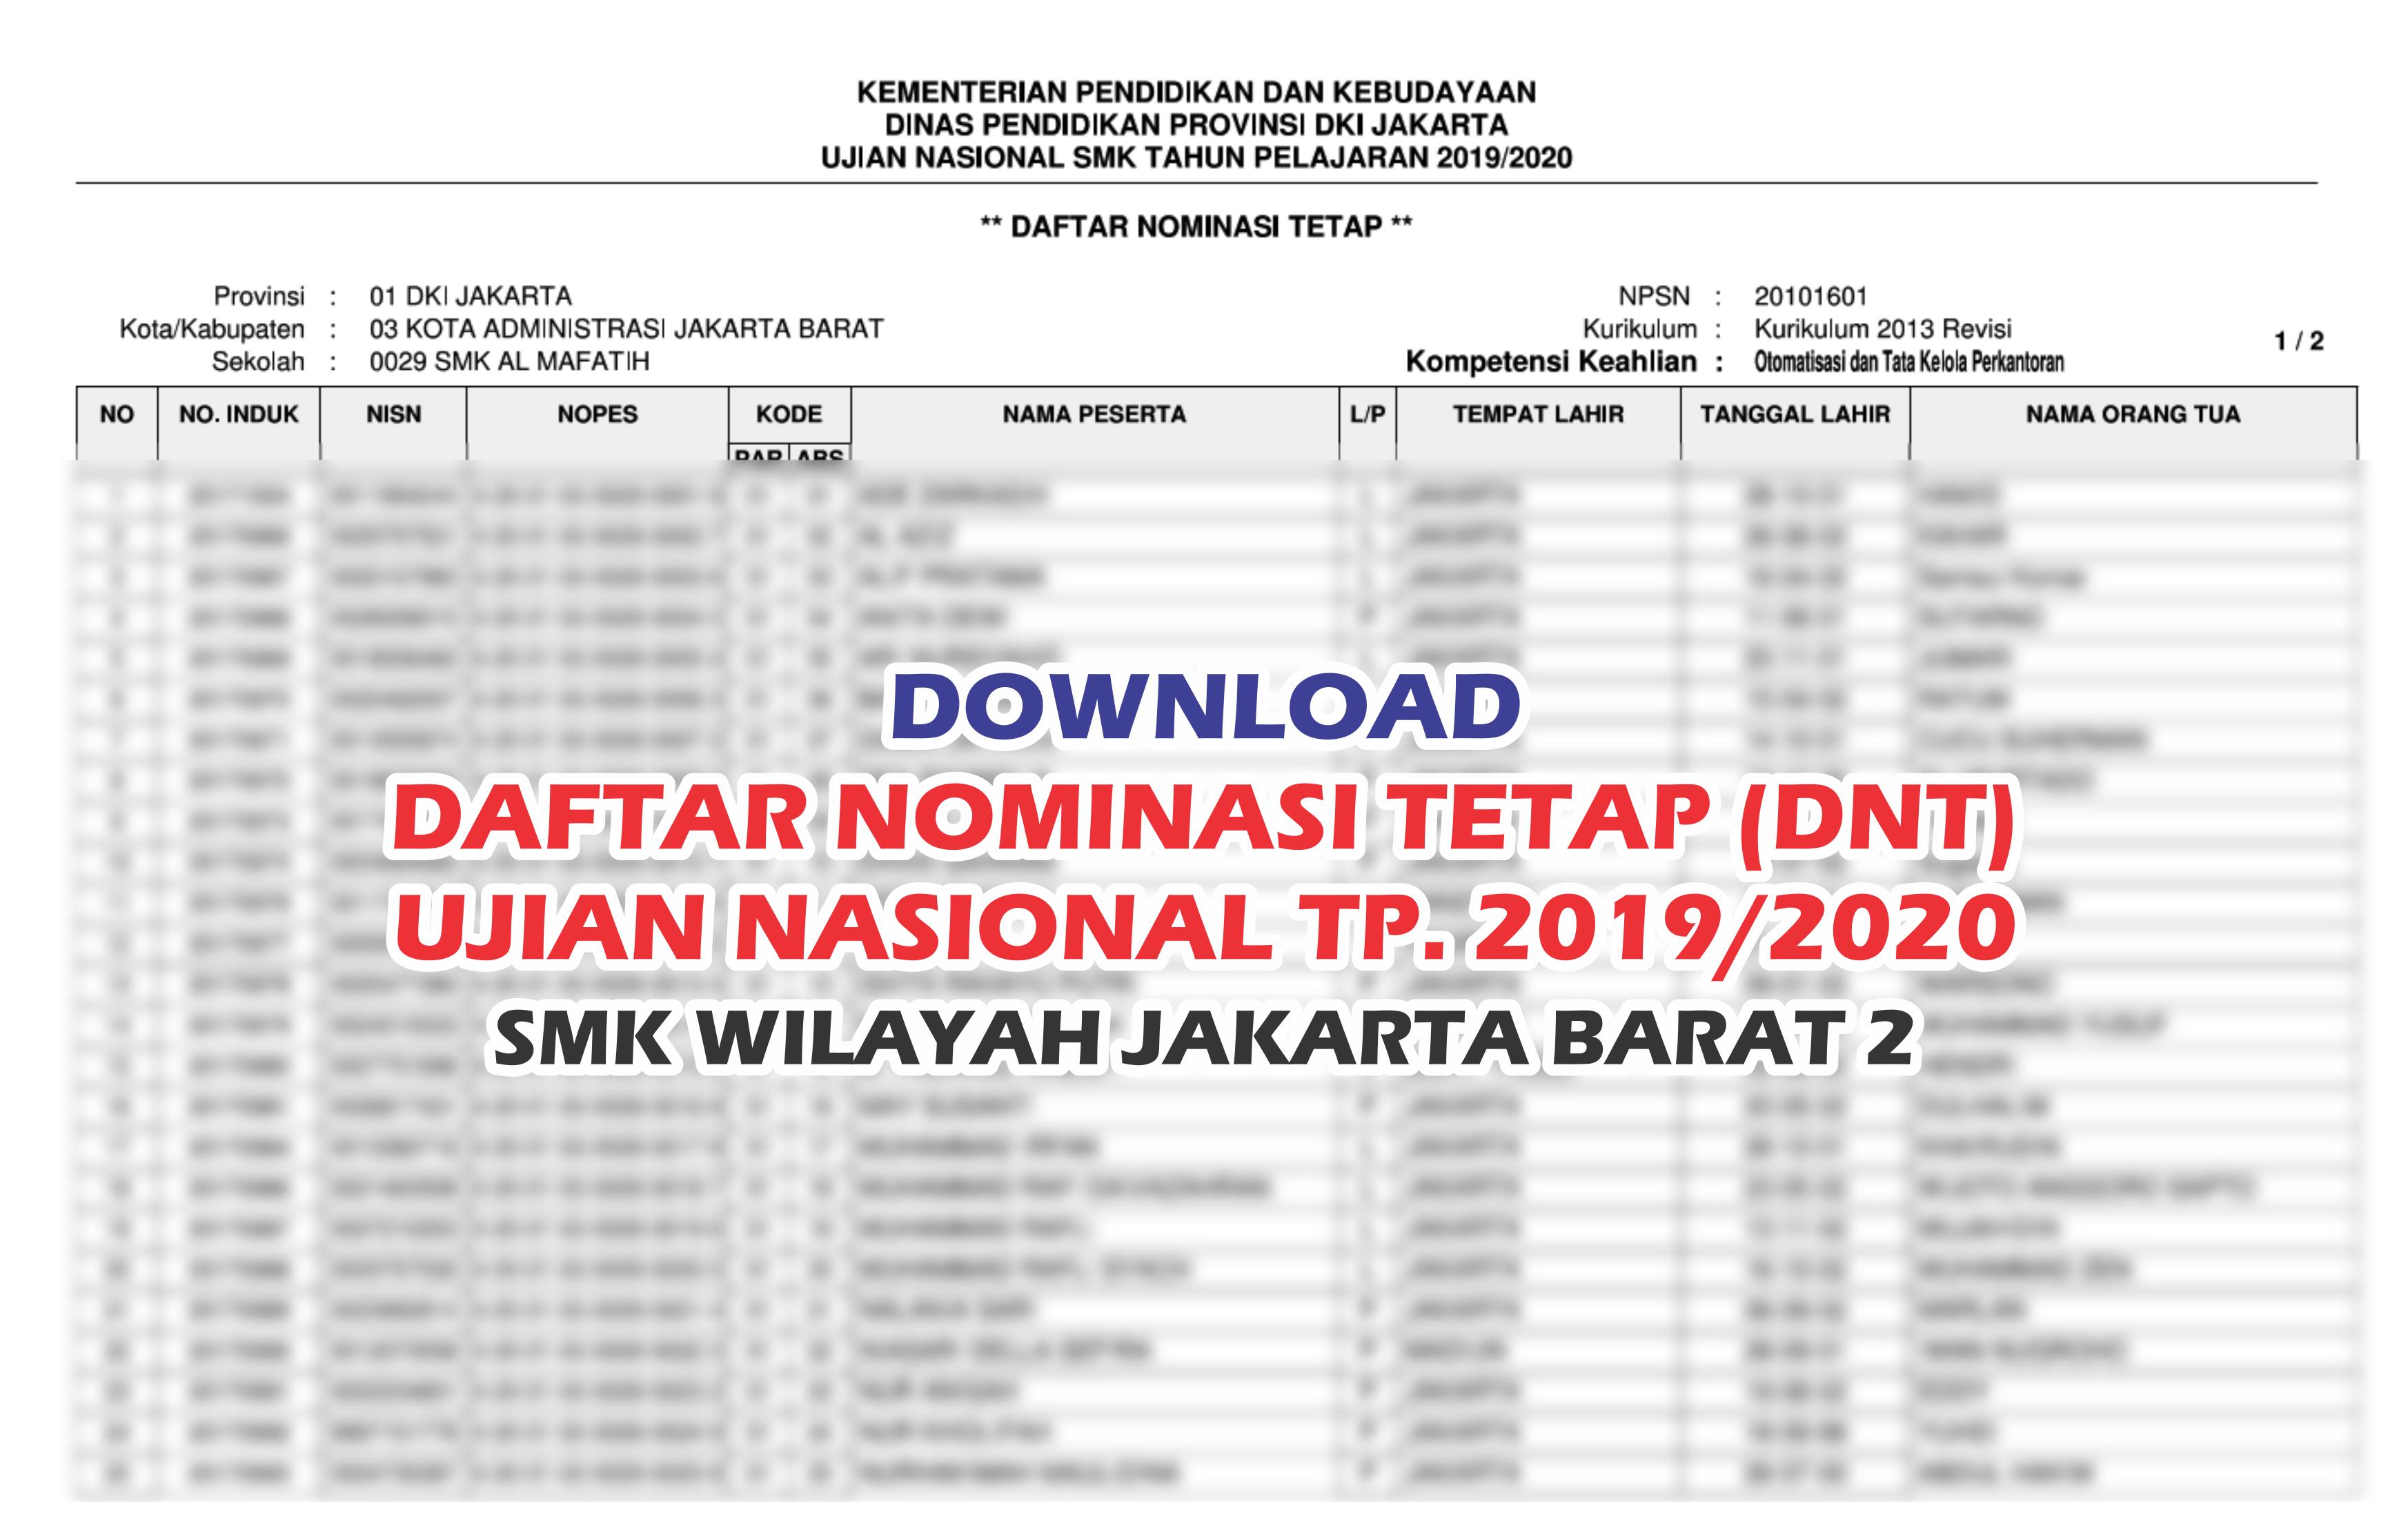 DNT Peserta UN Tahun Pelajaran 2019/2020